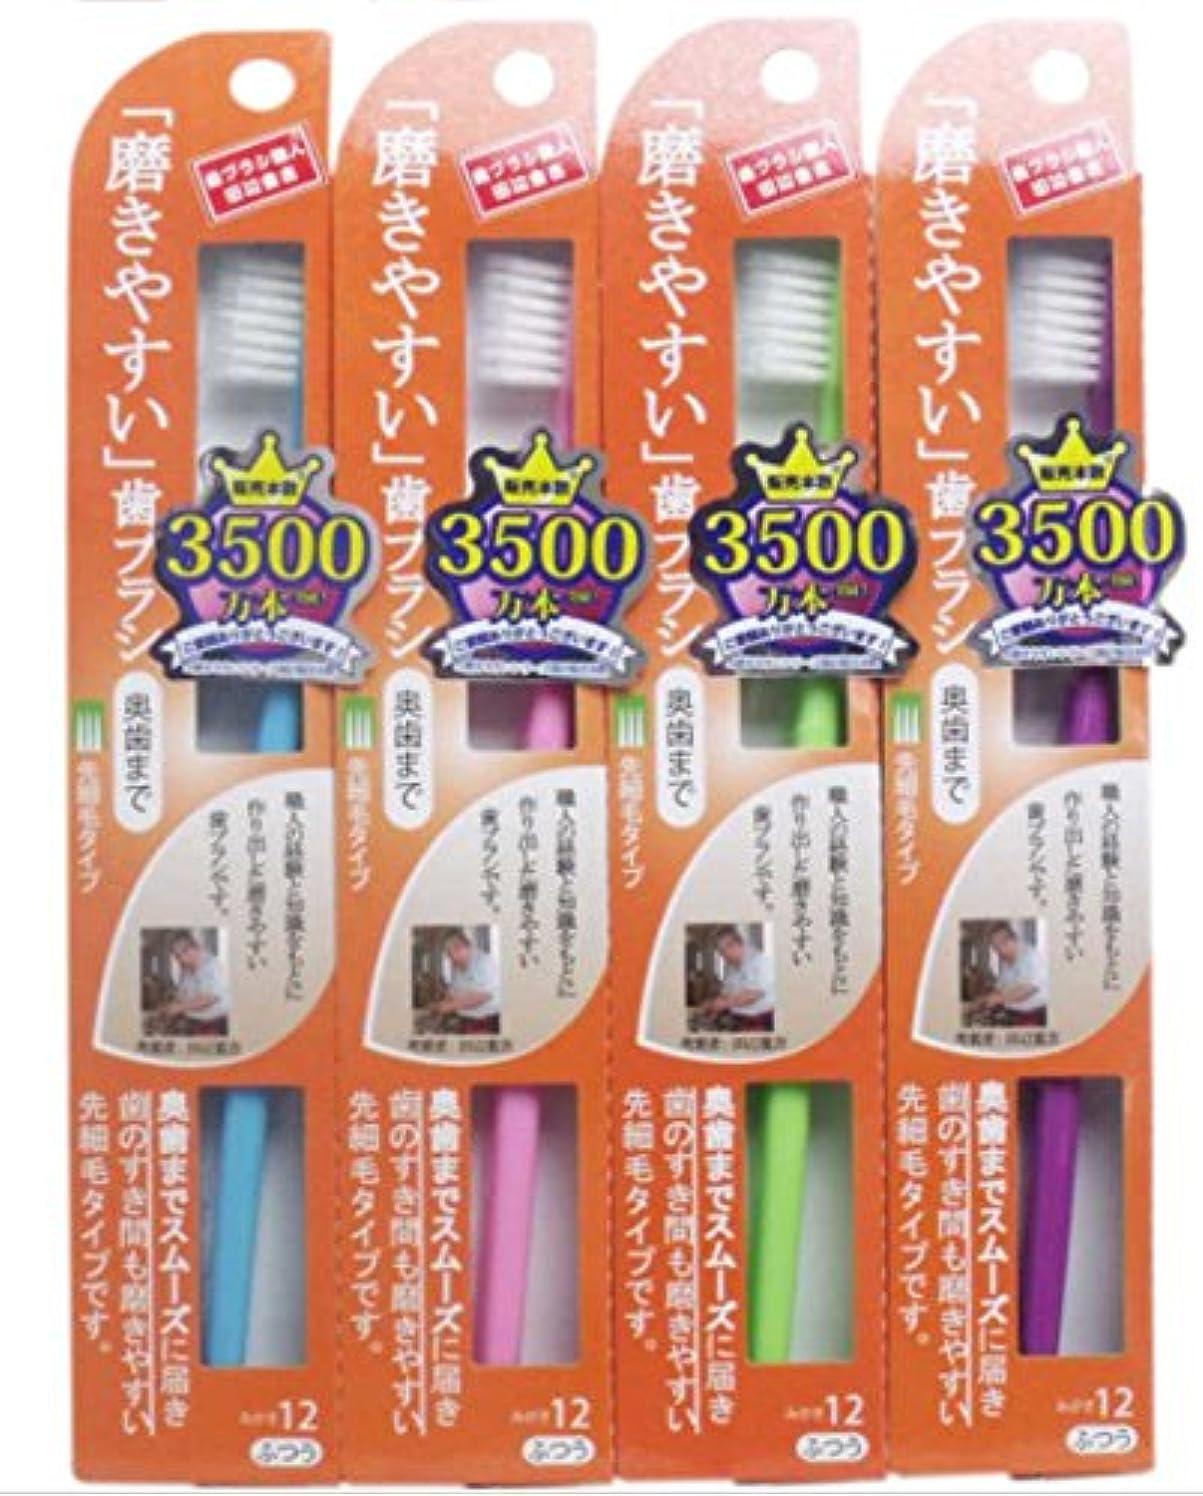 チーター砂漠含意LT-12磨きやすい歯ブラシ先細 ライフレンジ